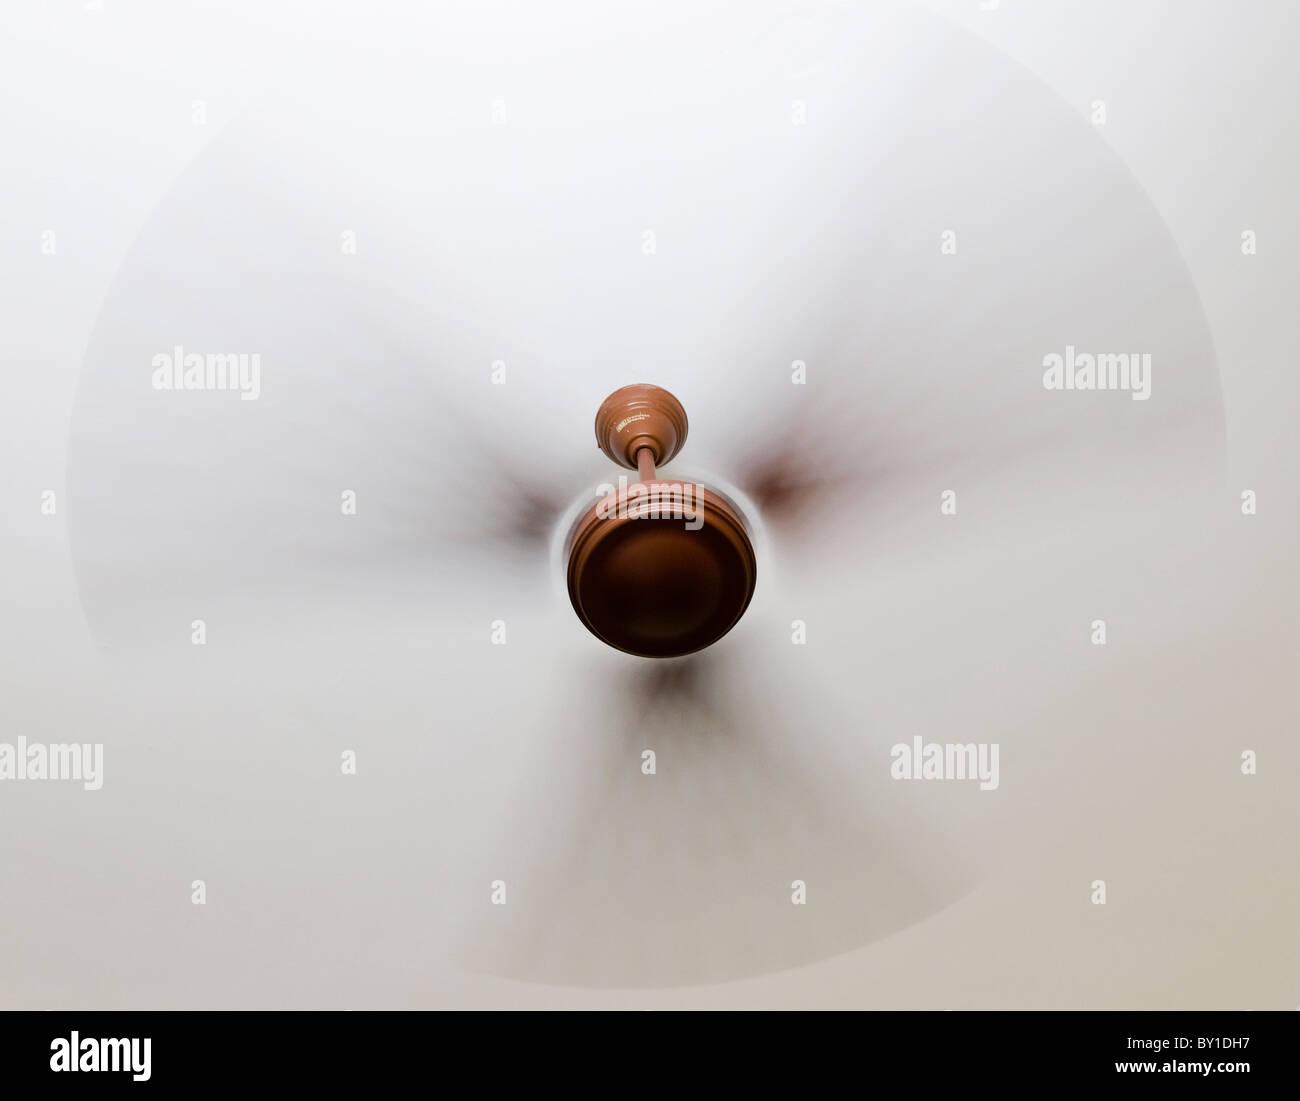 Ceiling fan - Stock Image